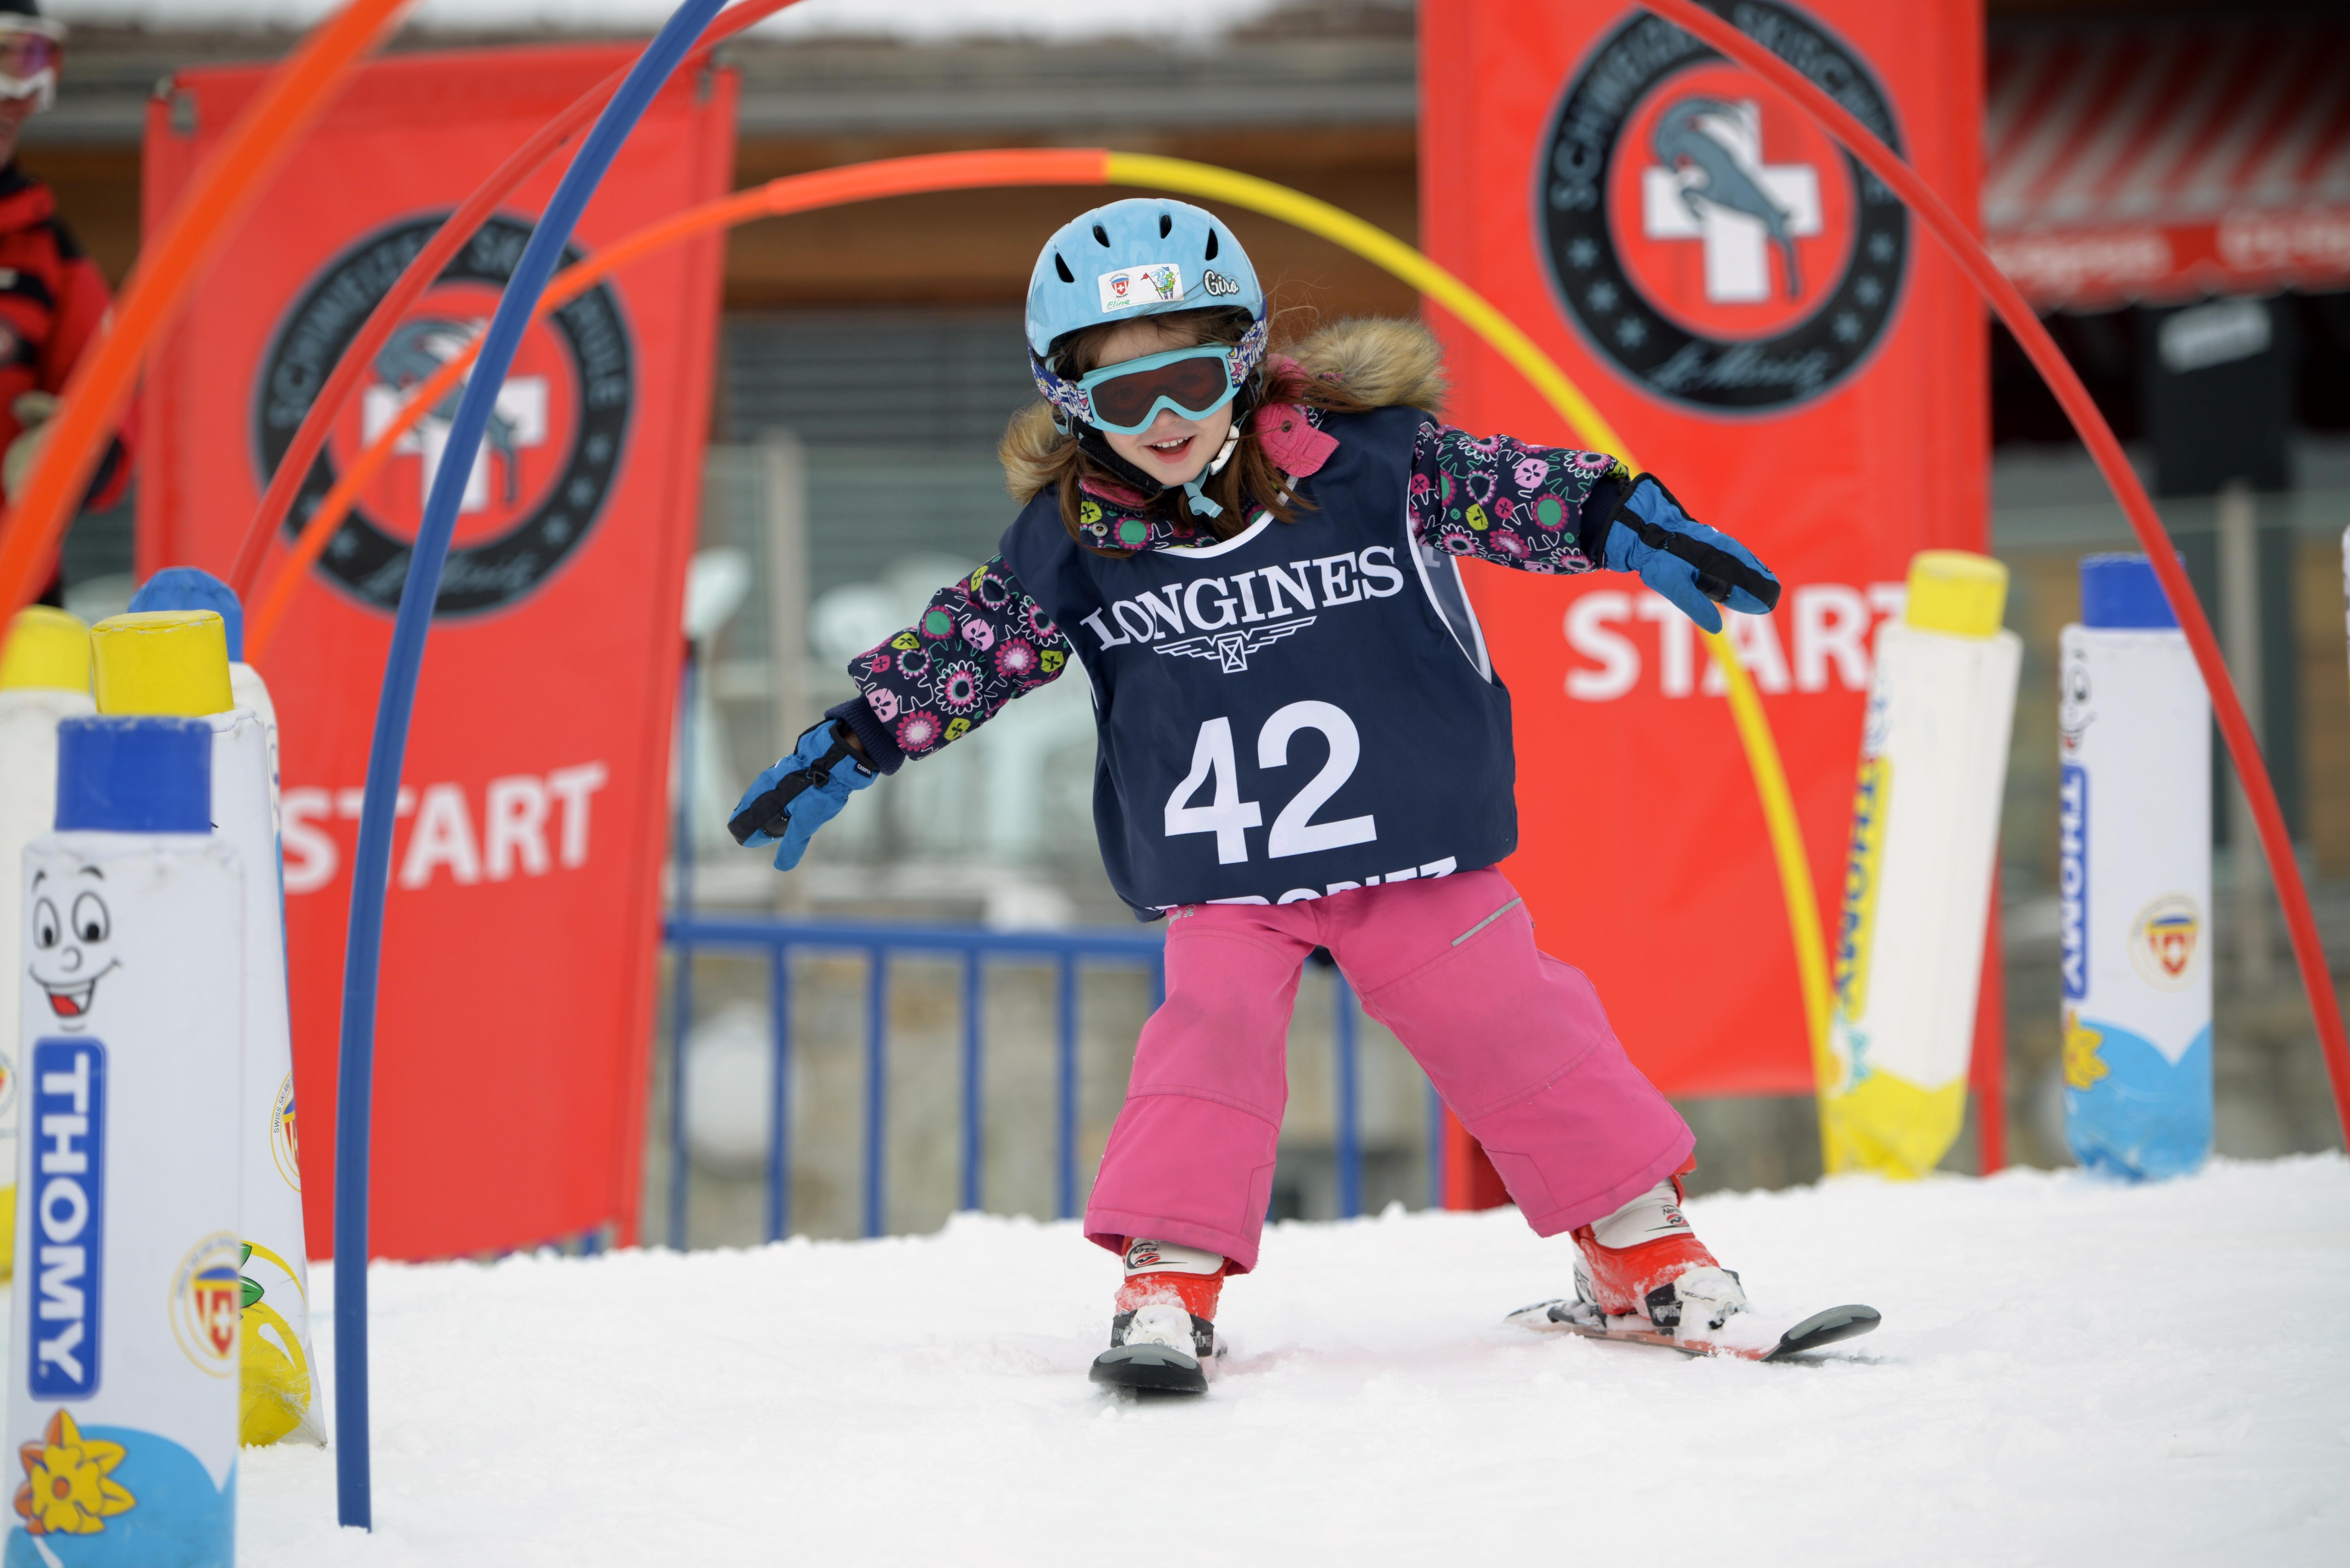 Schweizer Skischule St.Moritz / Samedan Slide 4